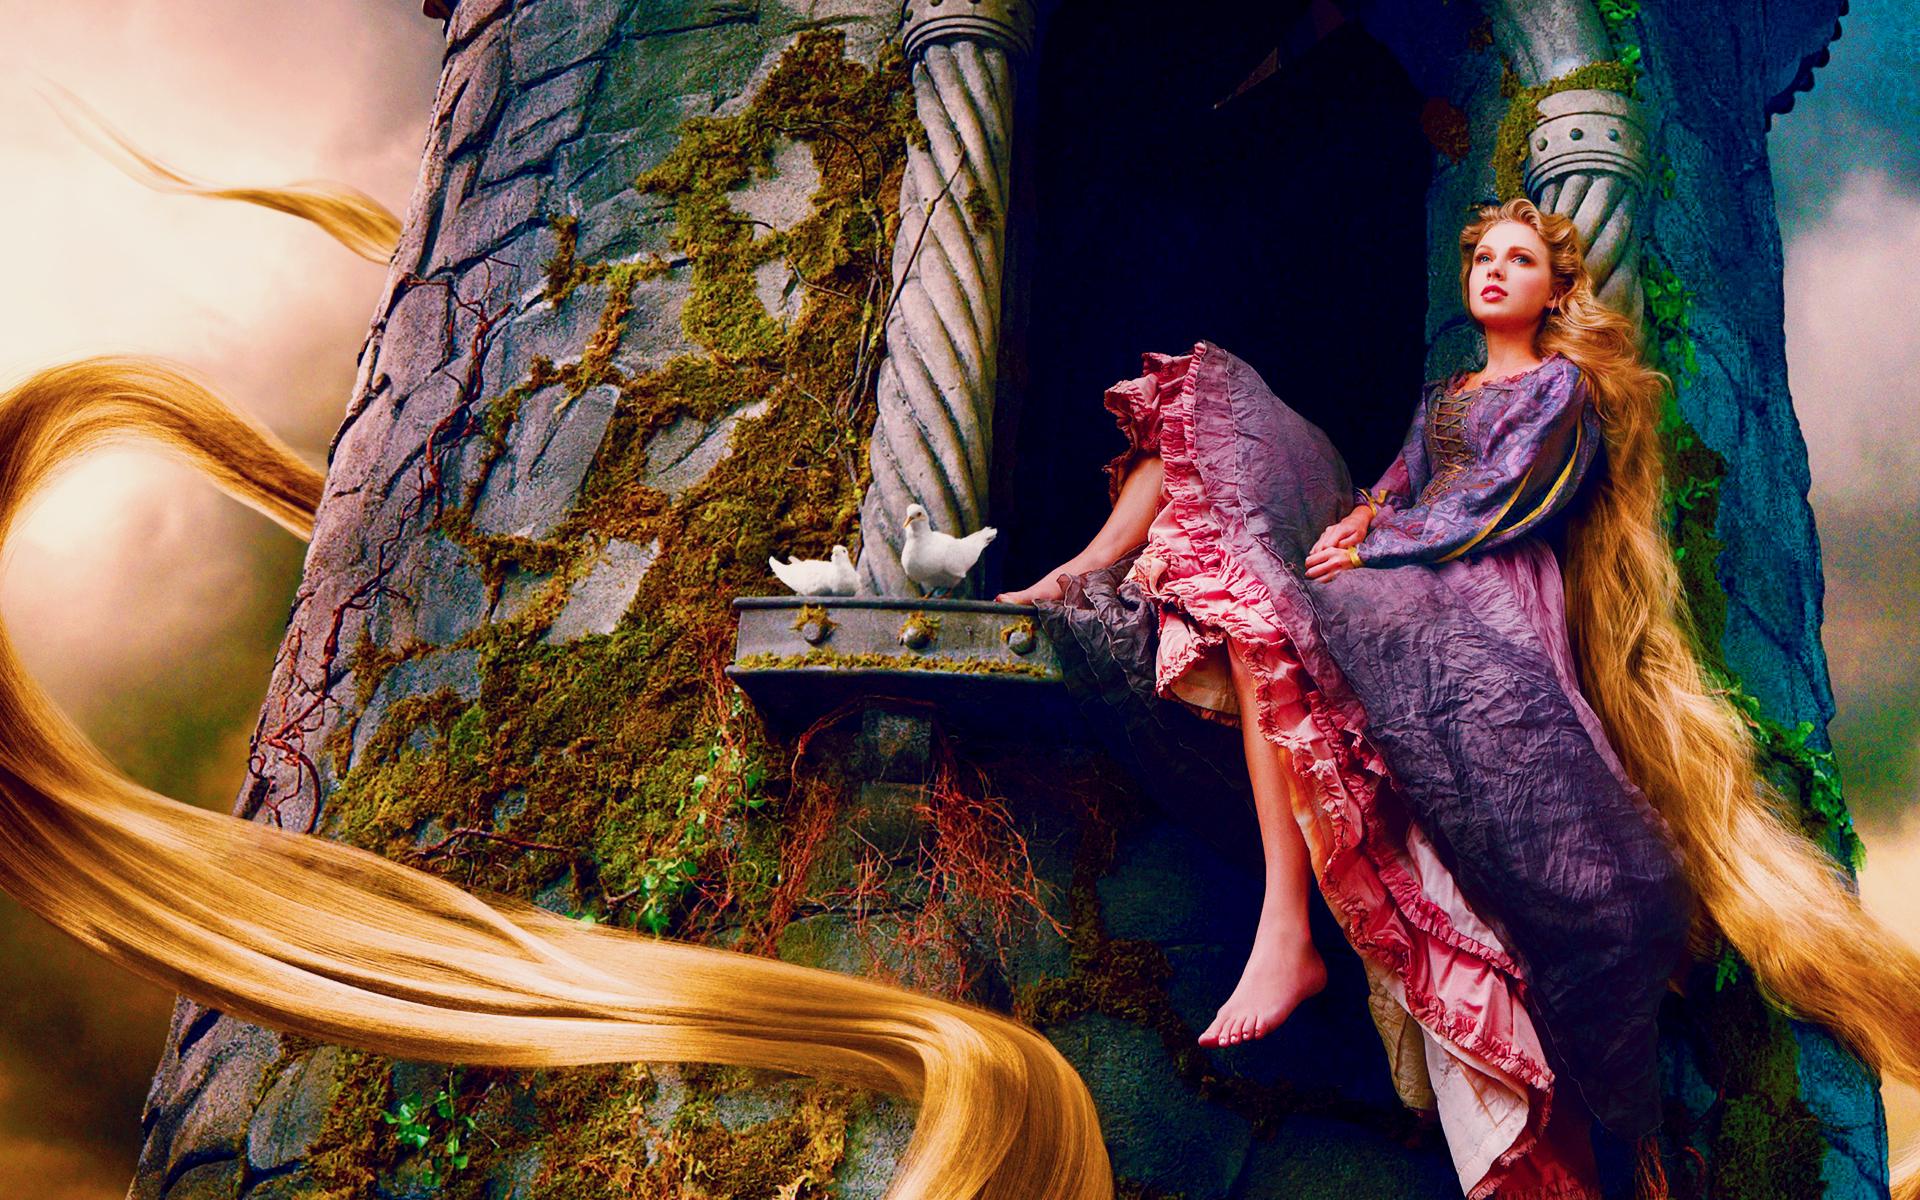 HD Wallpapers Taylor Swift as Rapunzel